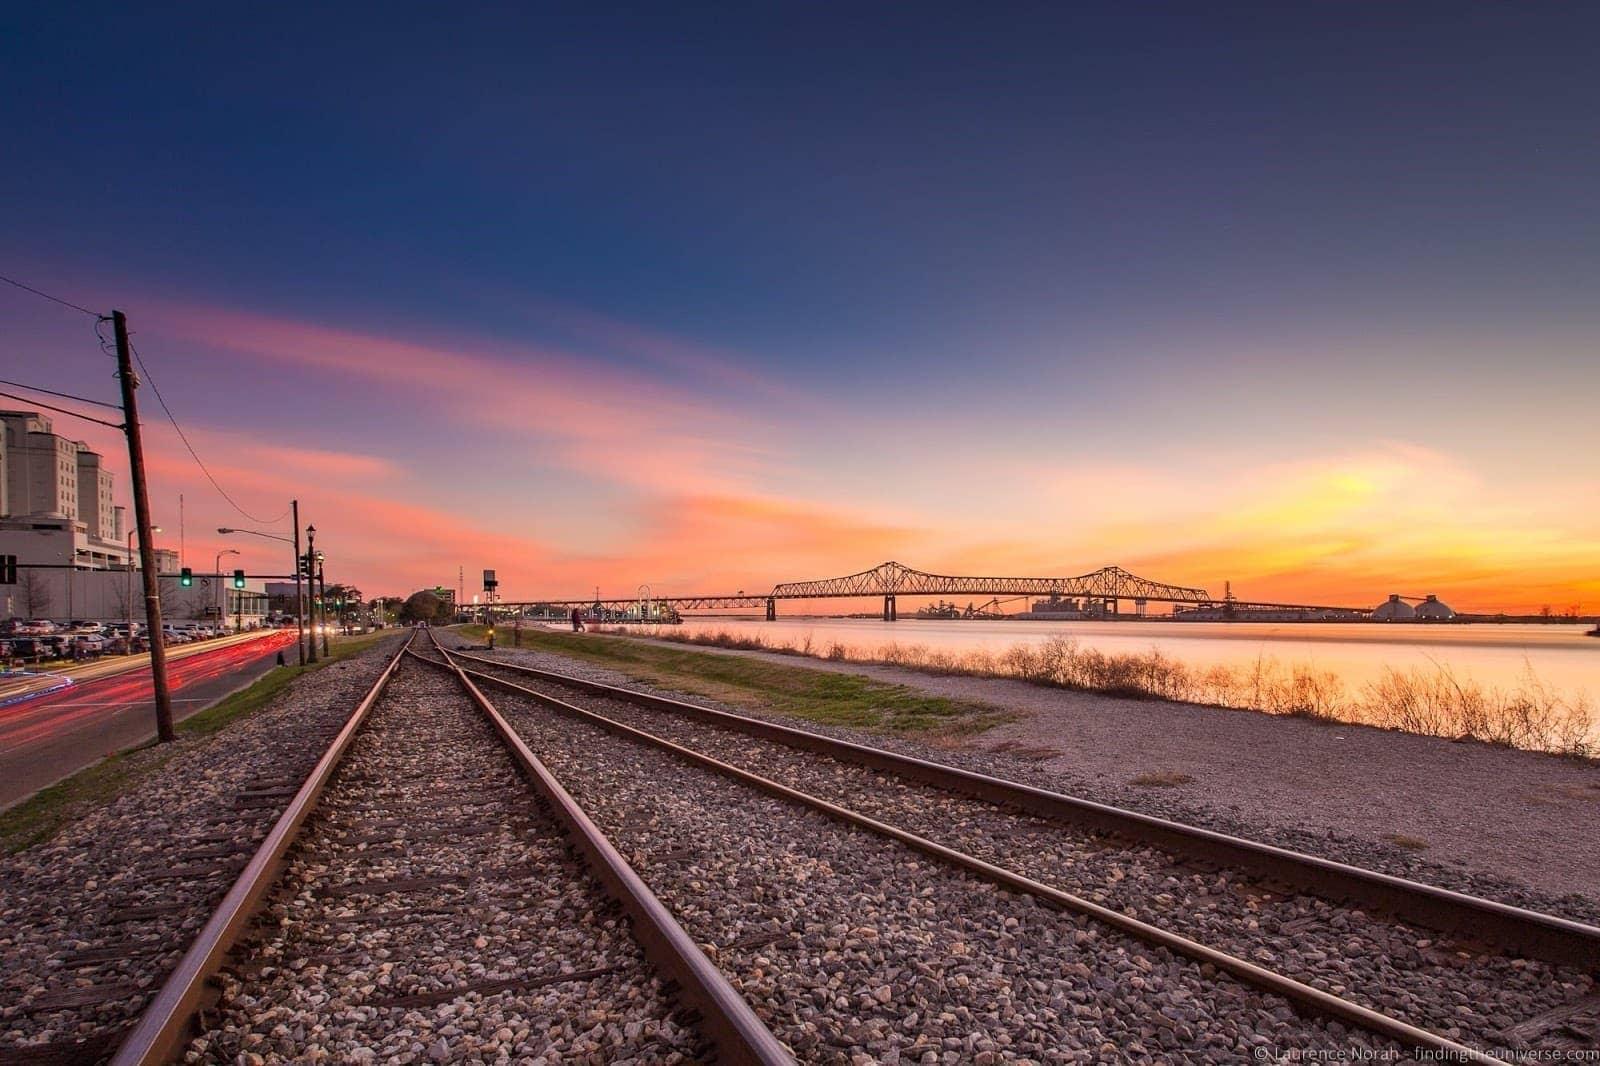 Baton Rouge sunset tracks